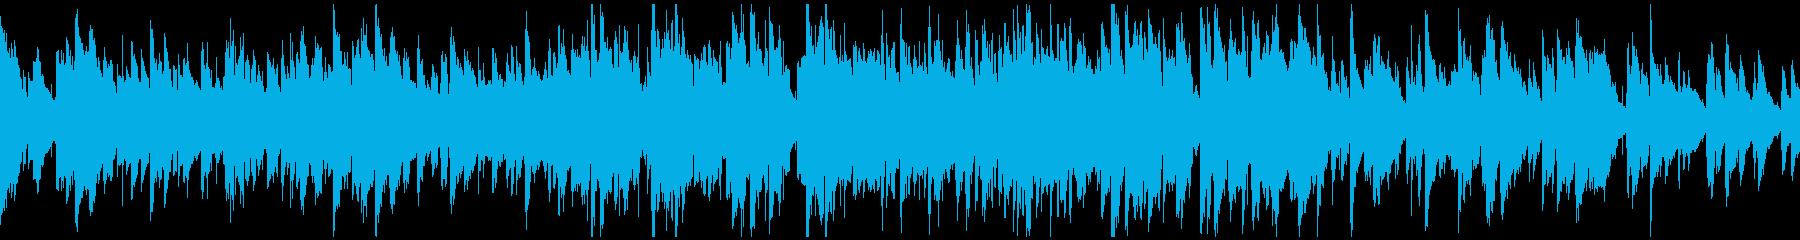 美しい音色の綺麗系ジャズ ※ループ仕様版の再生済みの波形